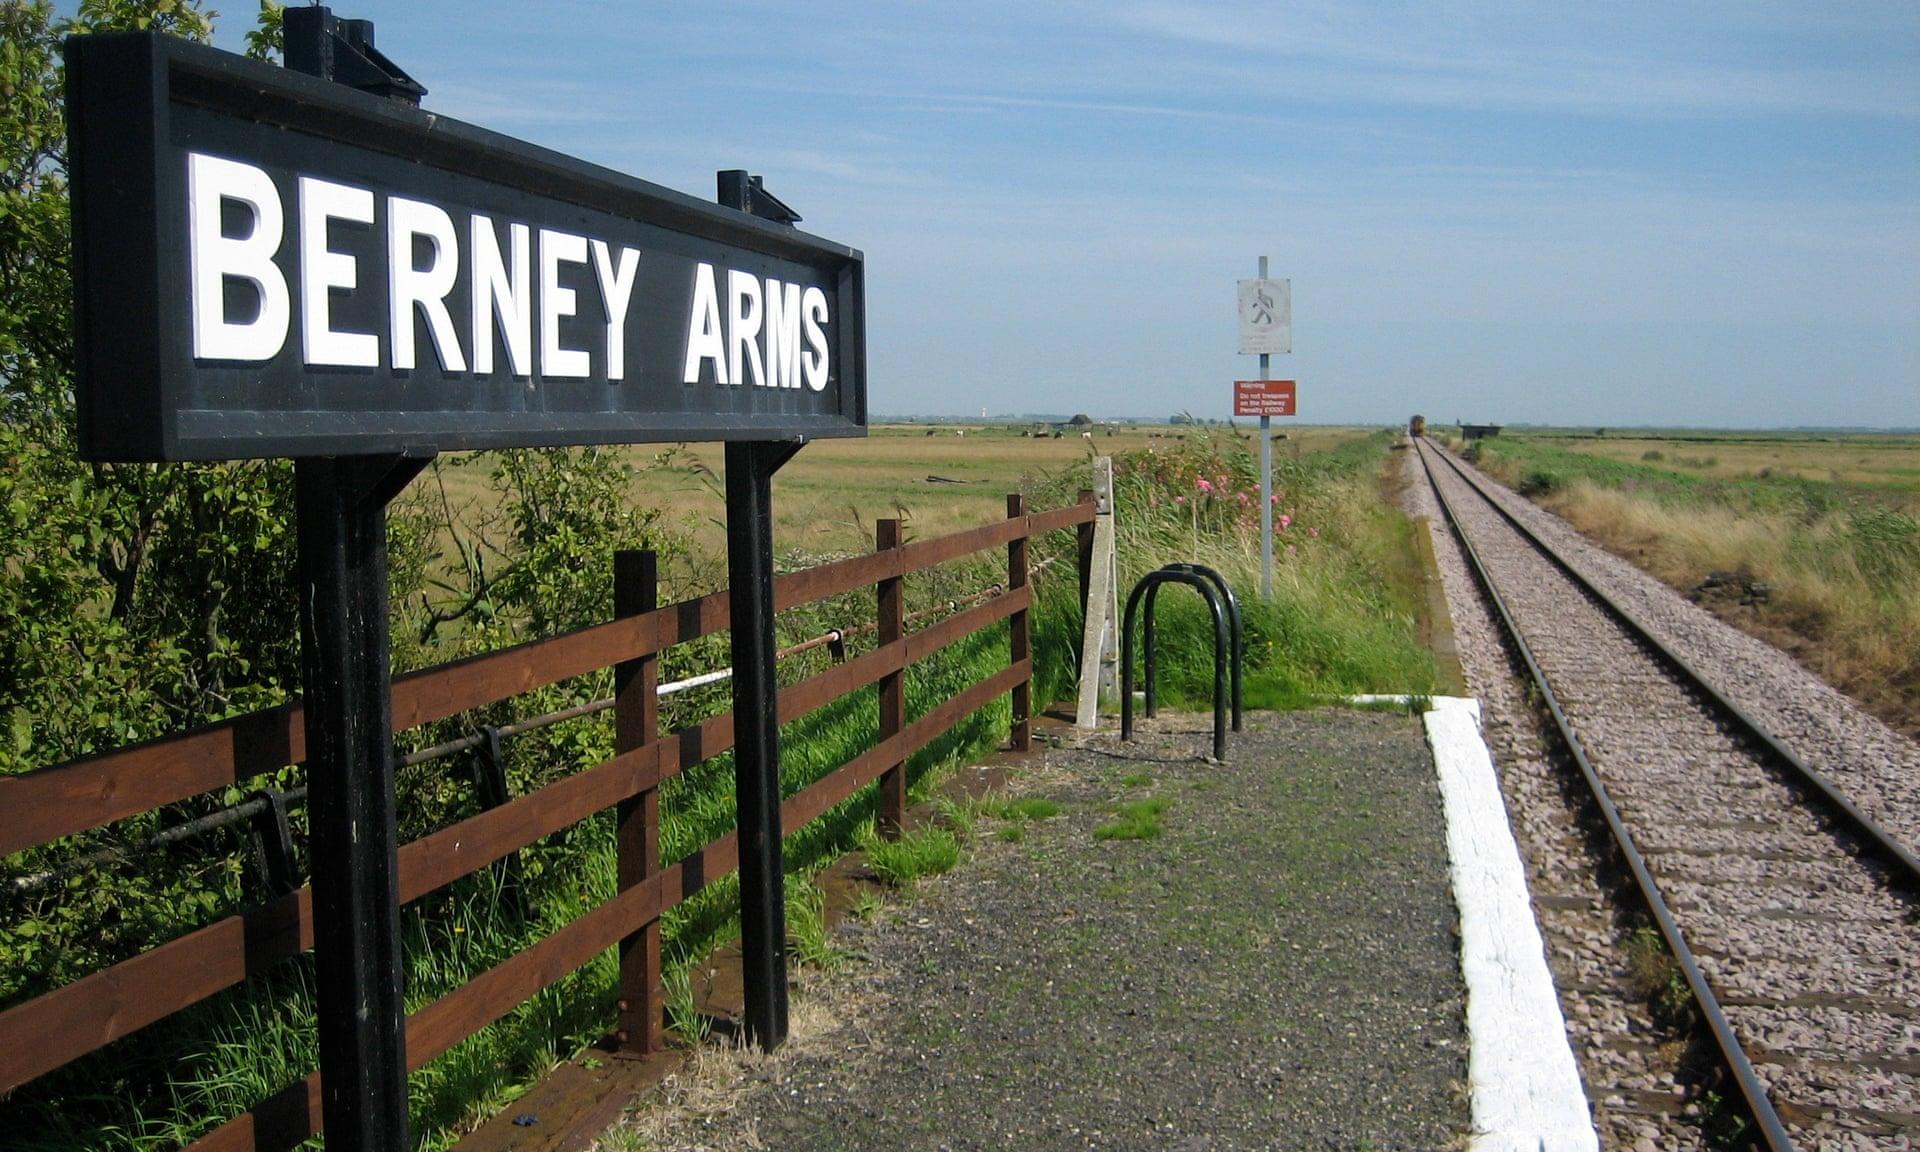 Stasiun Berney Arms